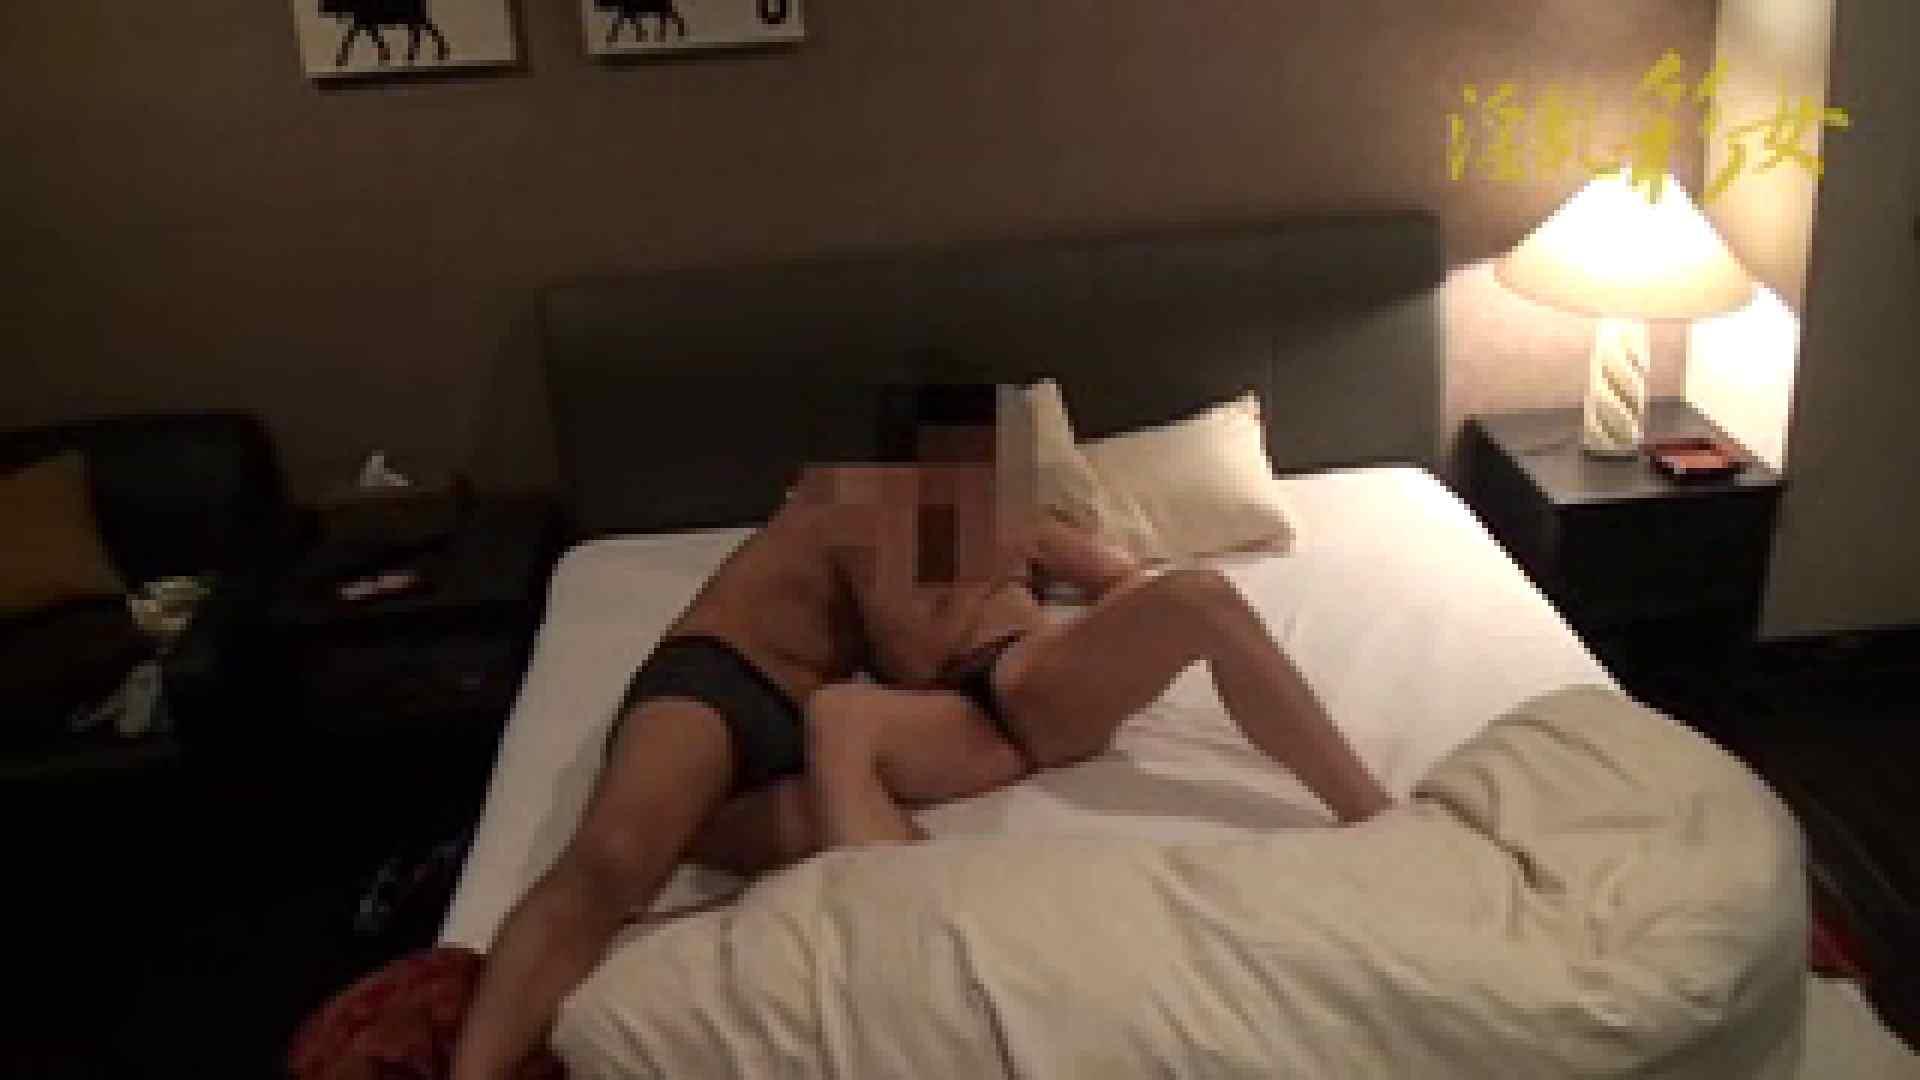 淫乱彩女麻優里 30歳デカマラ単独君 ハイビジョン 入浴シーン | 高画質  26連発 14